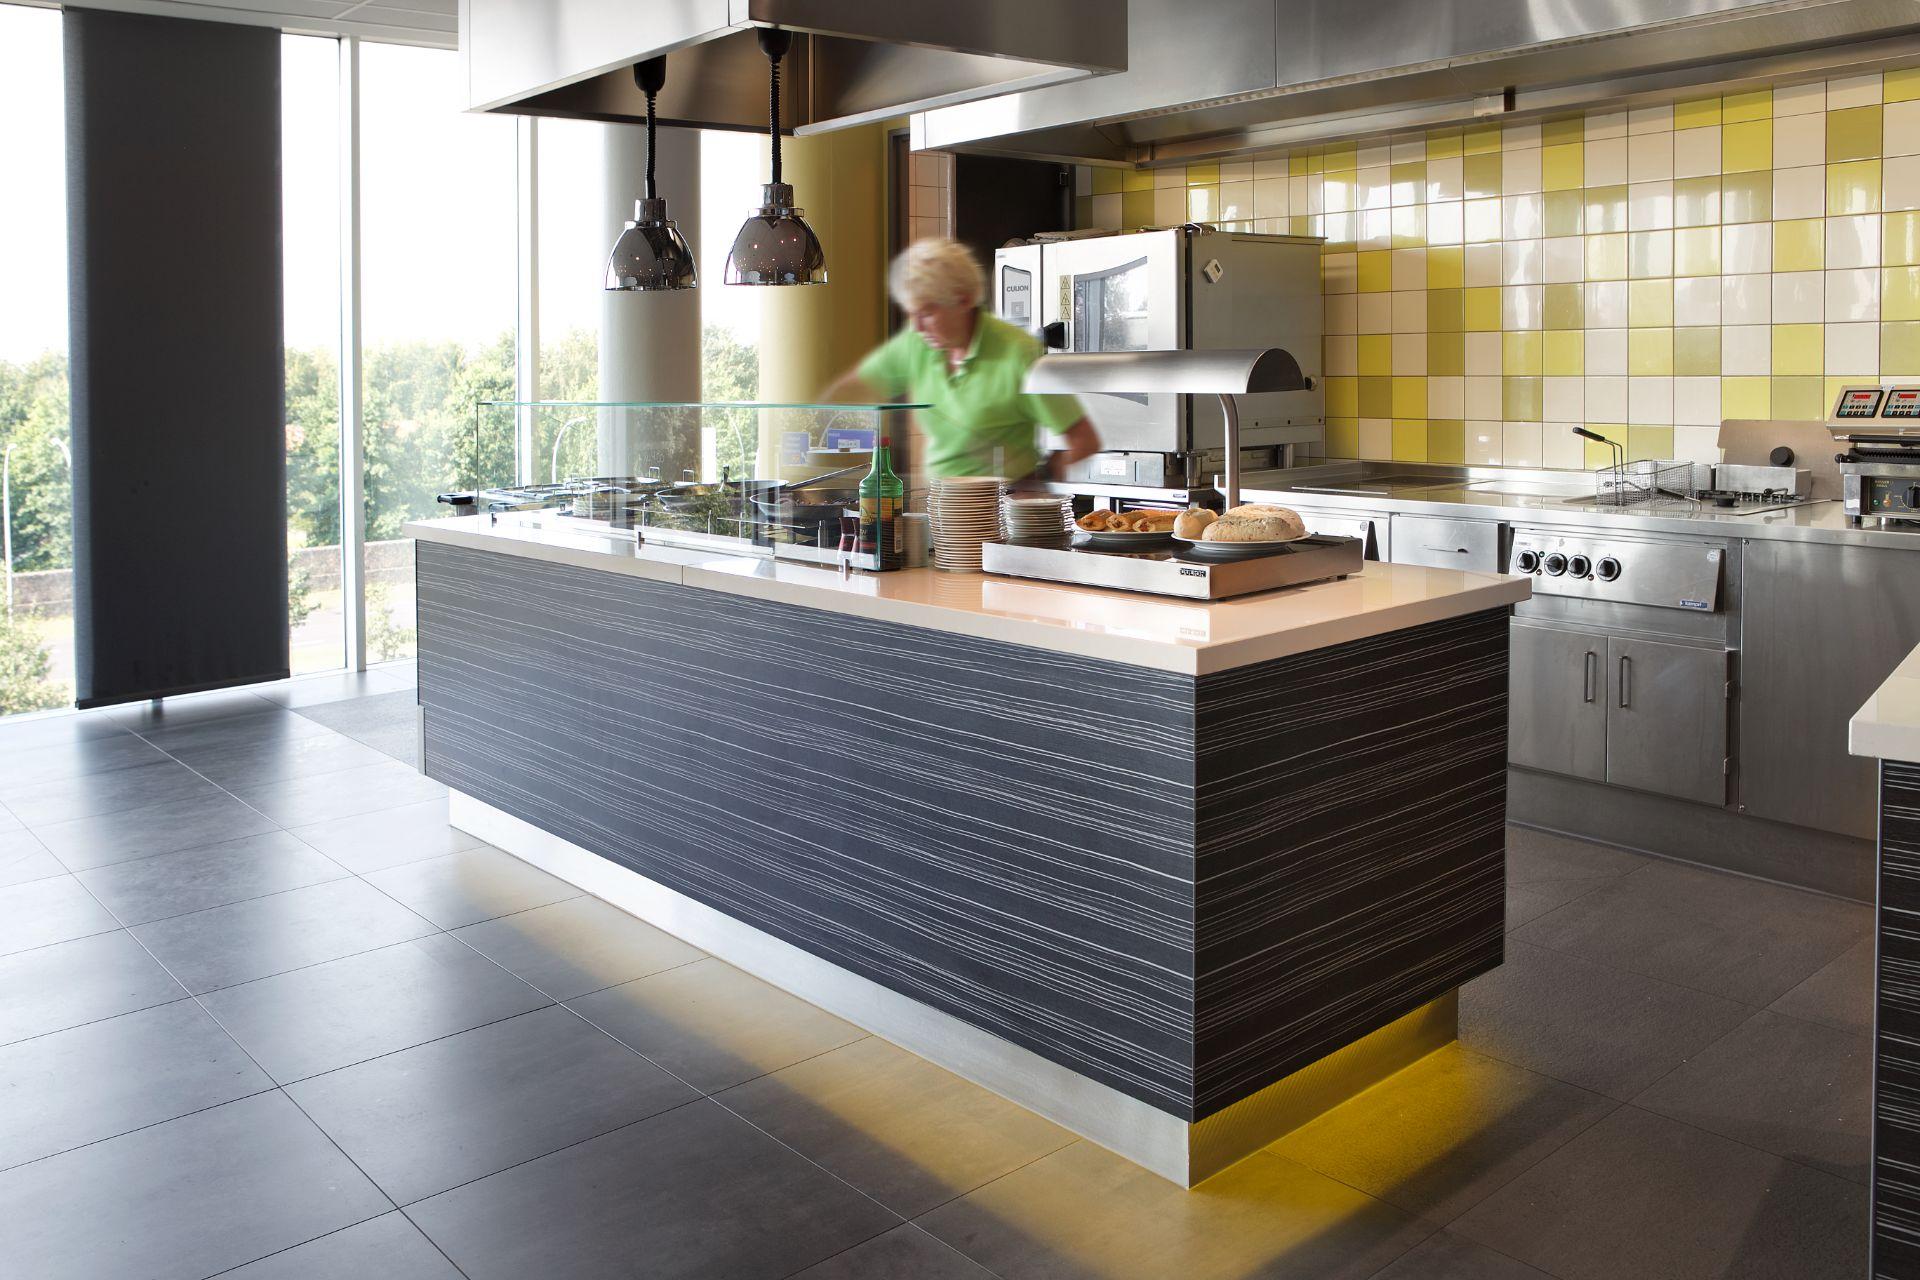 Bedrijfsrestaurant voor Engie in Zwolle